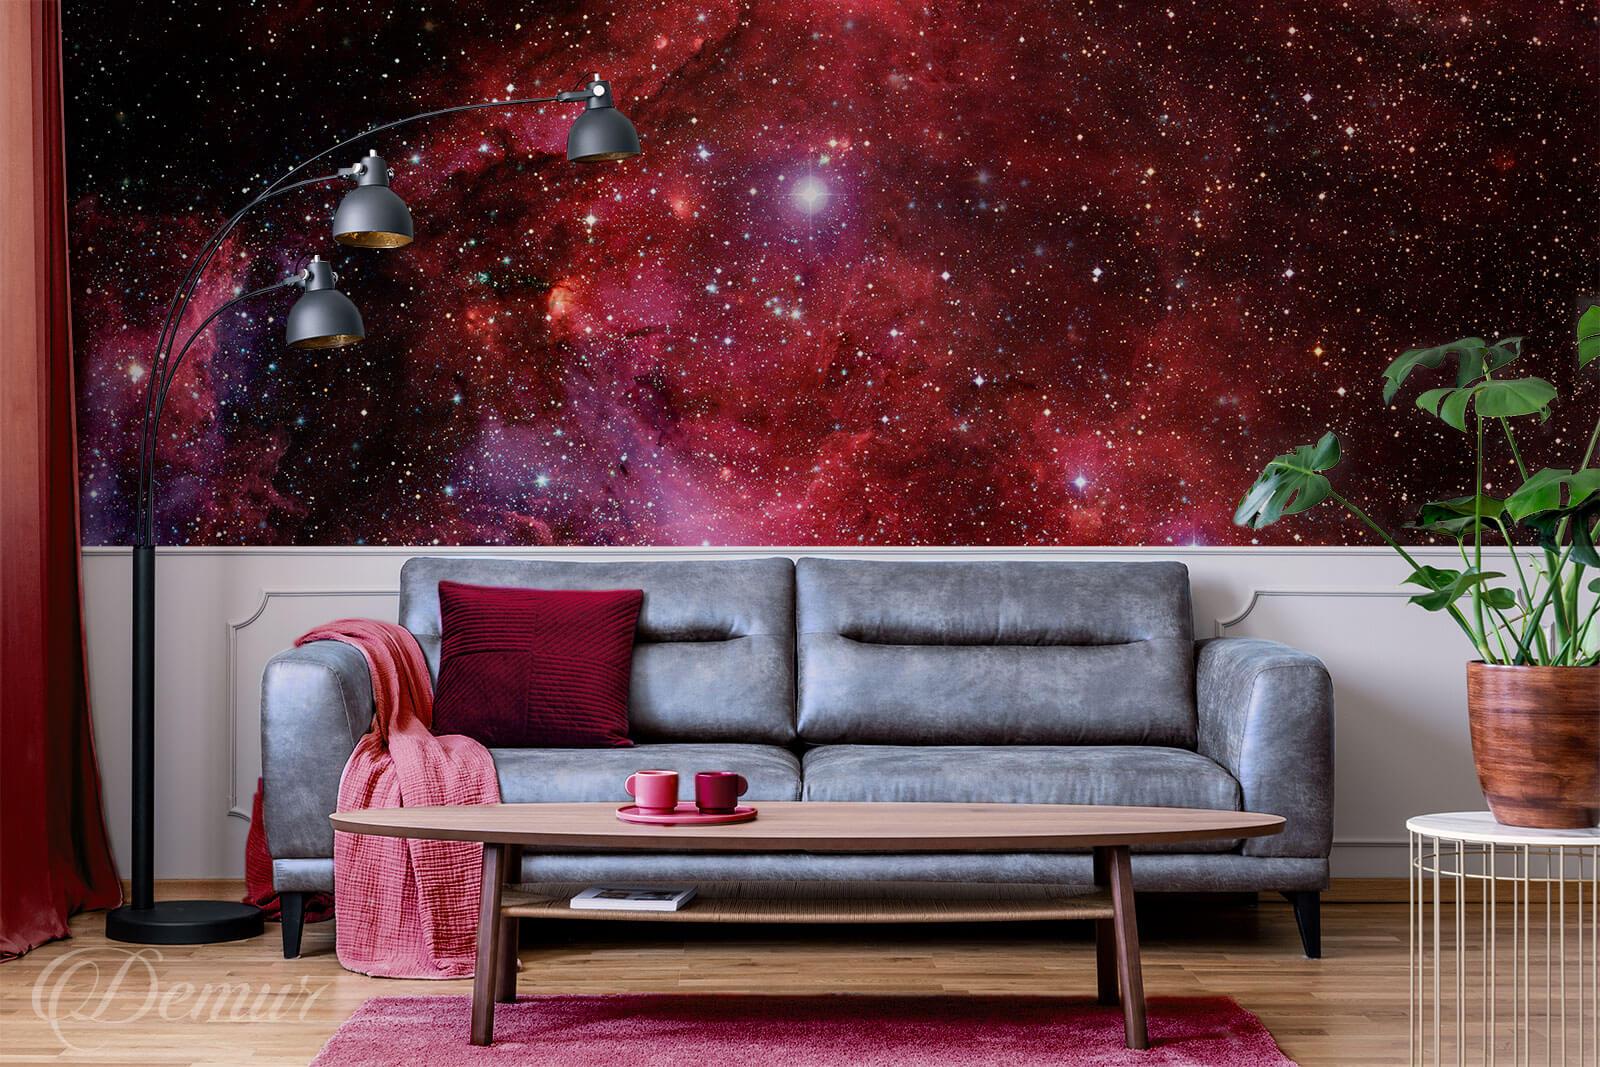 Fototapeta Burgundowy kosmos - Burgundowa fototapeta - Demur